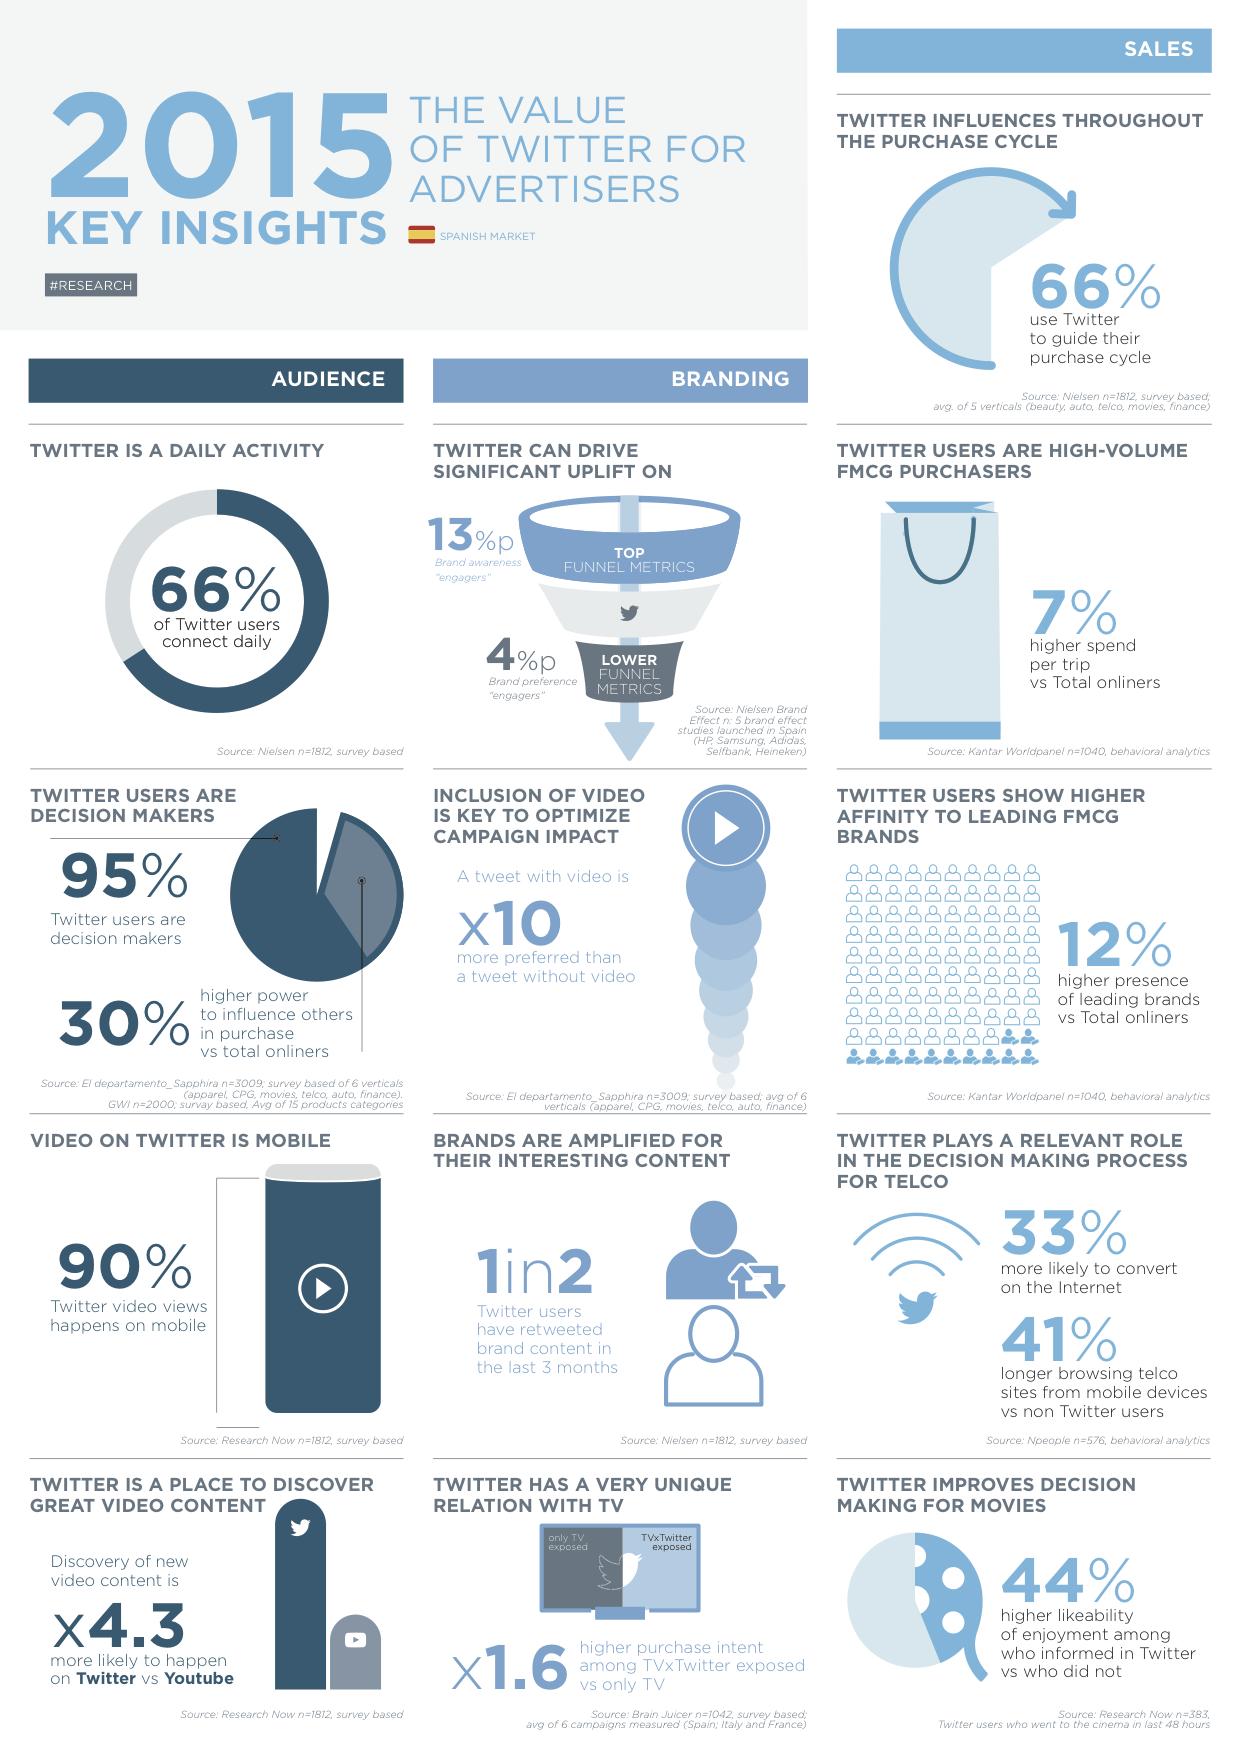 Principales estadísticas de los usuarios de Twitter: ¿Cómo son y cómo se comportan con las marcas